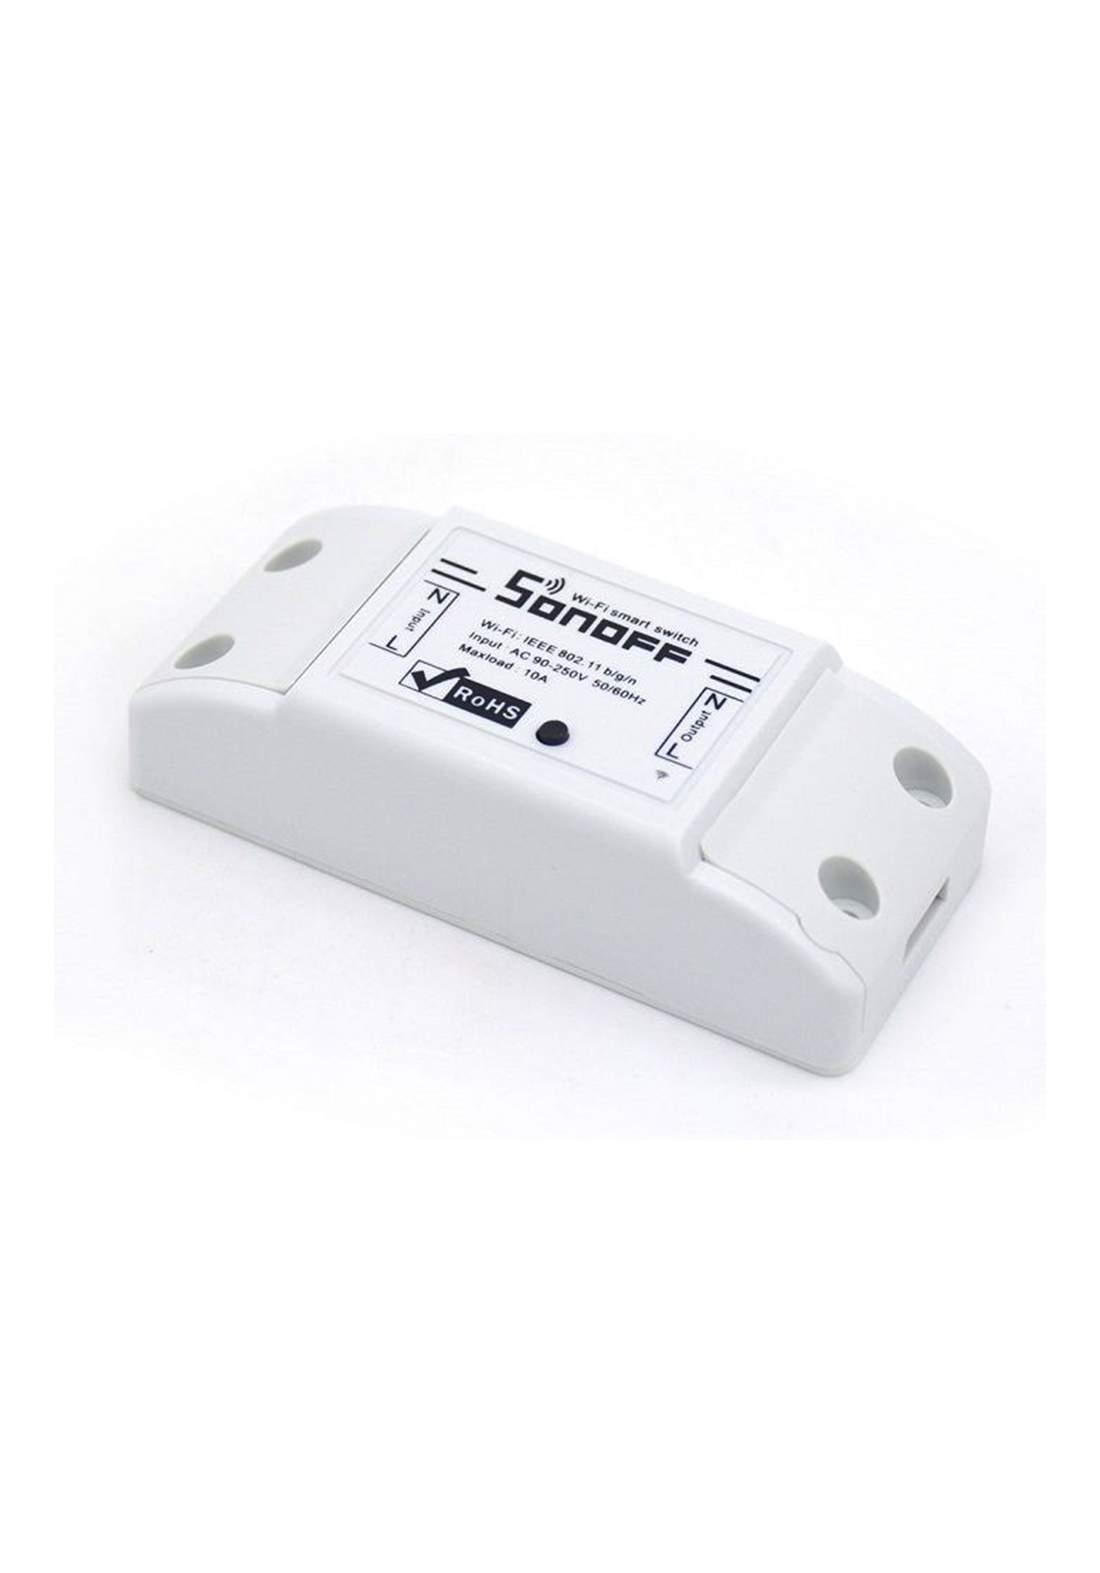 Sonoff Basic Wi-Fi Wireless Switch Kit مفتاح طاقة تحكم عن بعد